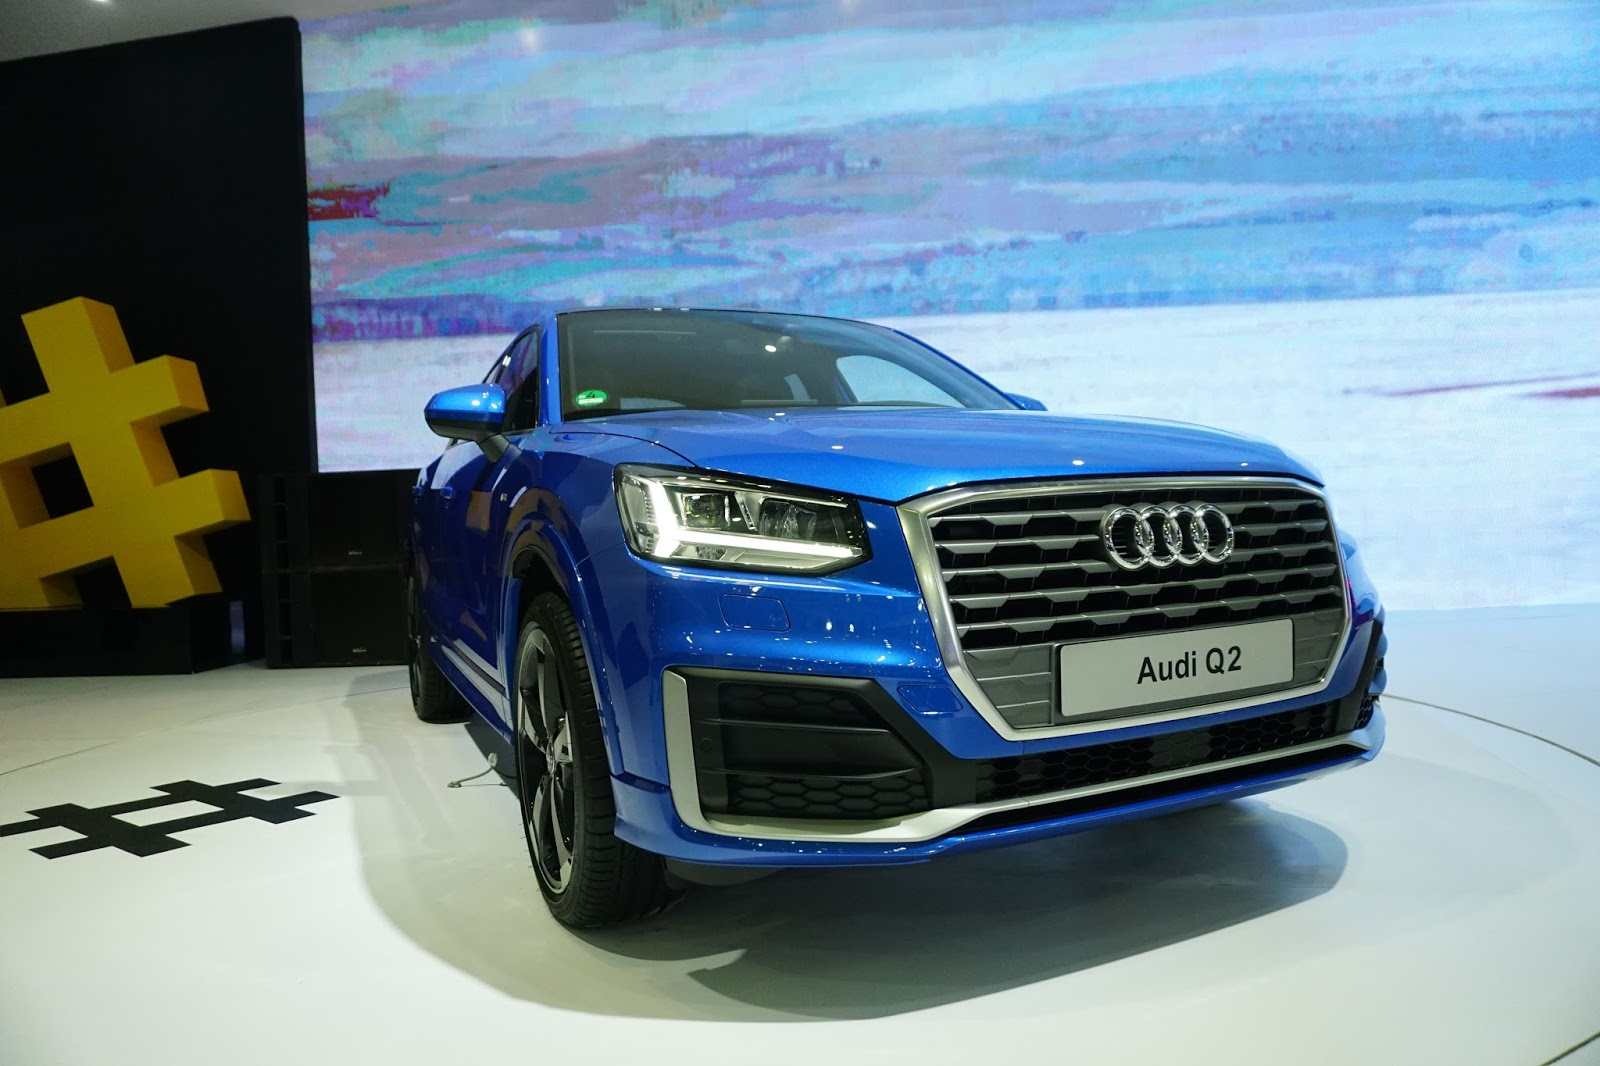 Đầu xe Audi Q2 đậm chất giống những chiếc Q khác của Audi